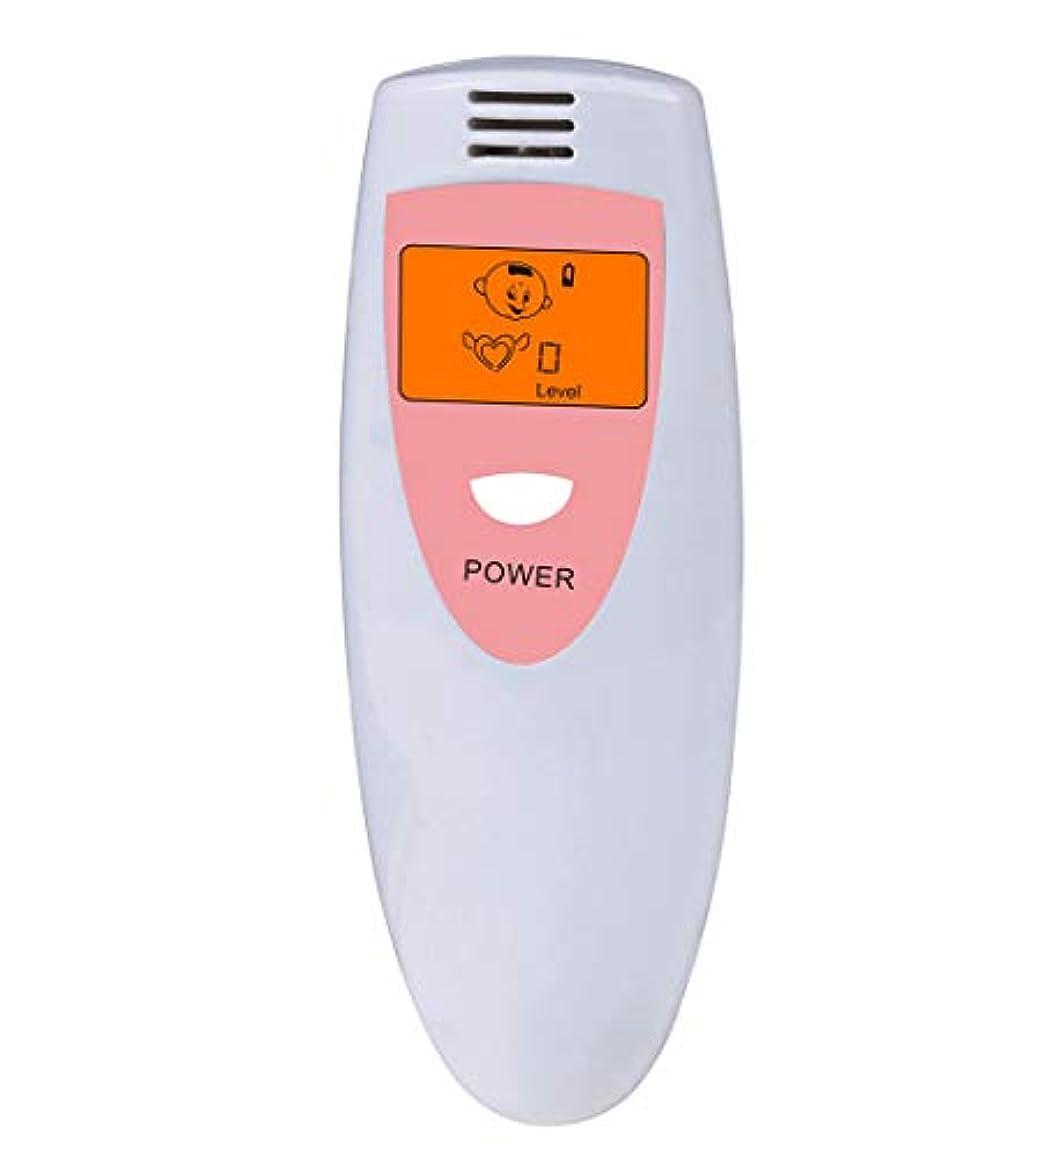 各退院肥沃な【瞬時測定】 携帯ブレスチェッカー デジタル口臭チェッカー 5段階レベル表示 コンパークト口臭予防検査器 大人子供エチケット (Pink)